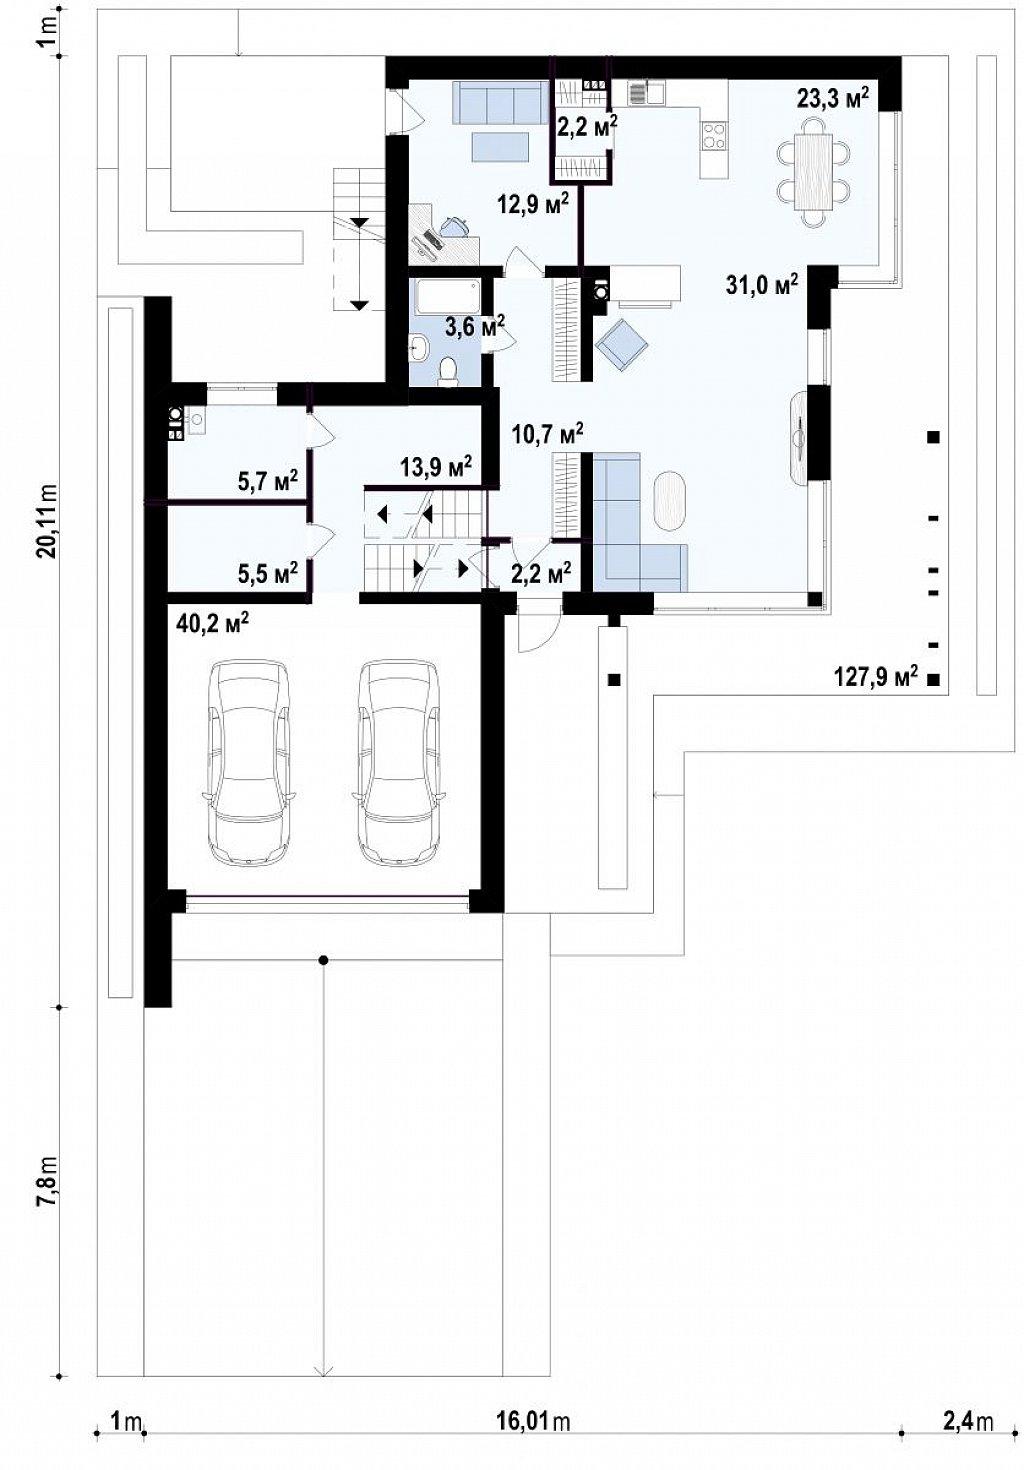 Проект современного двухэтажного дома с большой площадью. остекления. план помещений 1